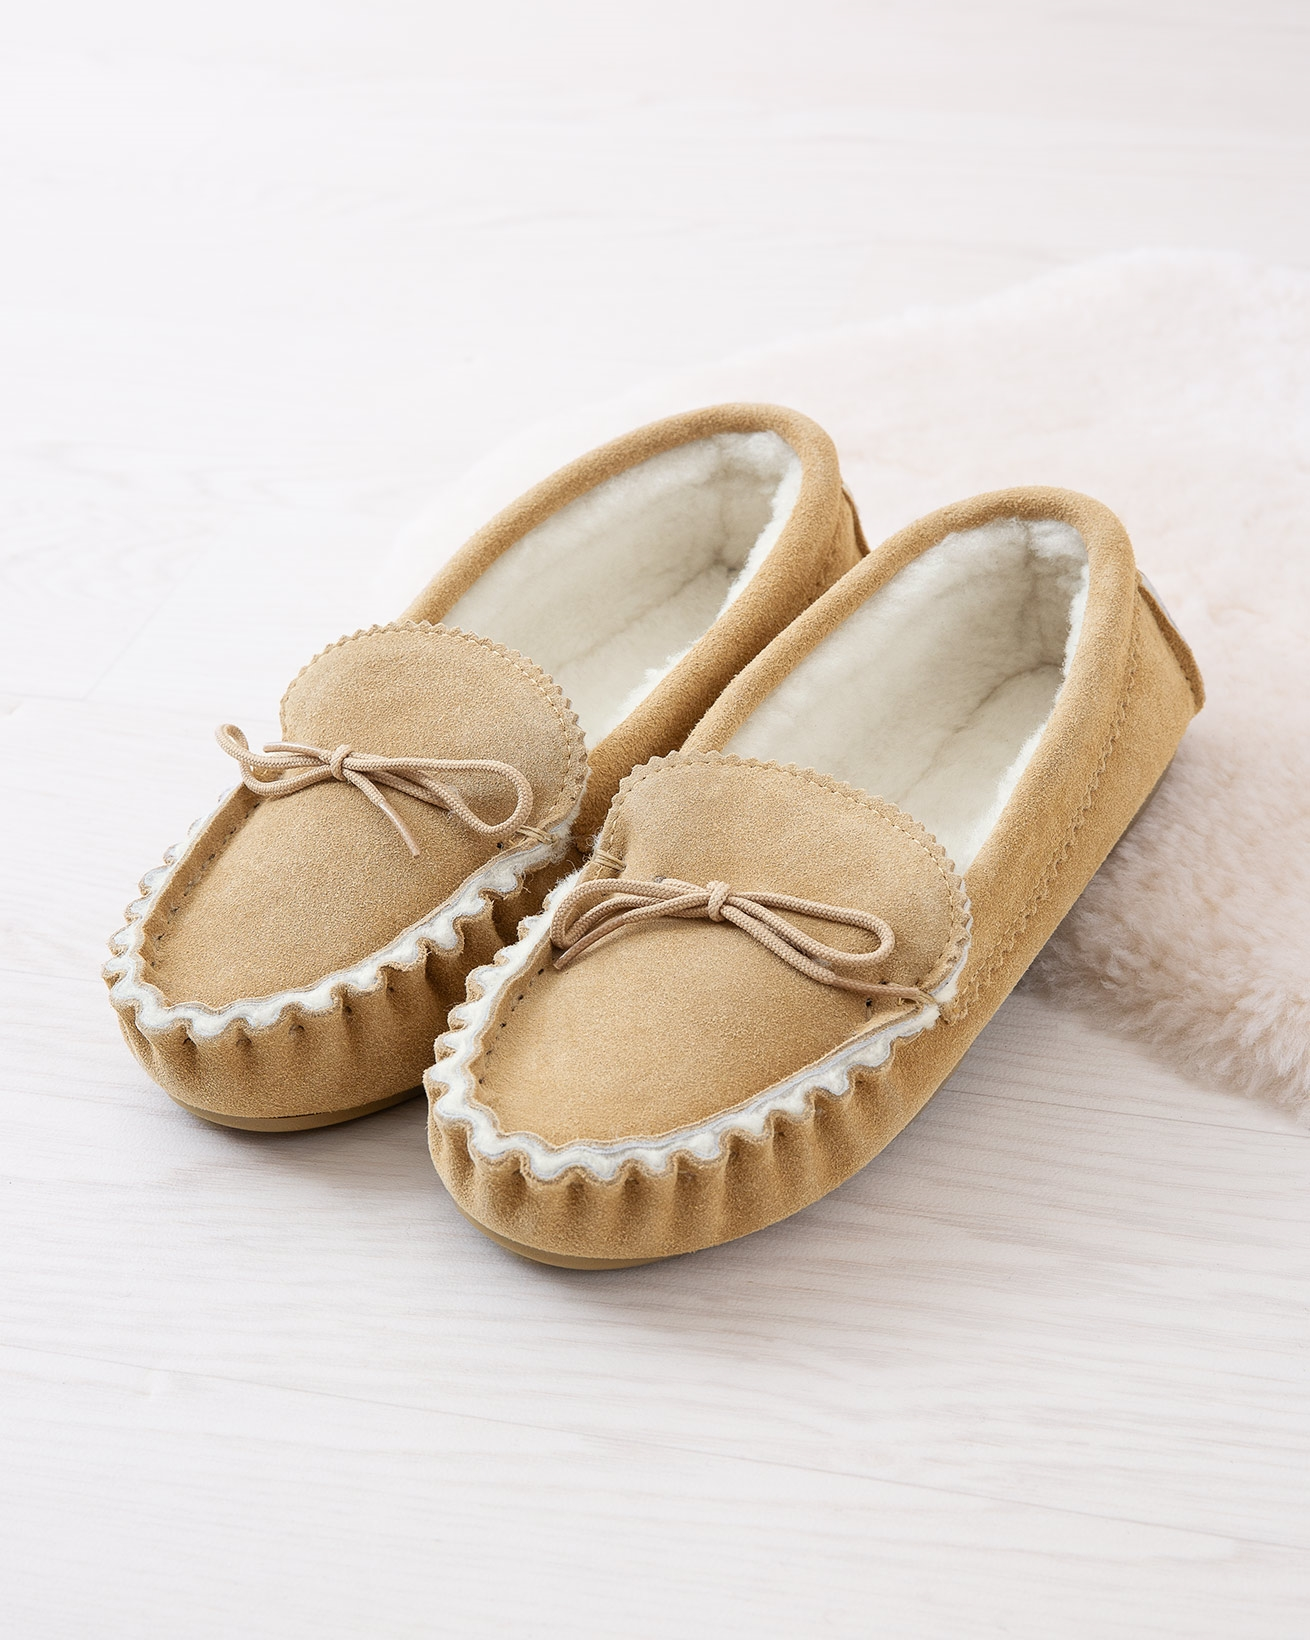 Loafer Moccasins - Hard Sole